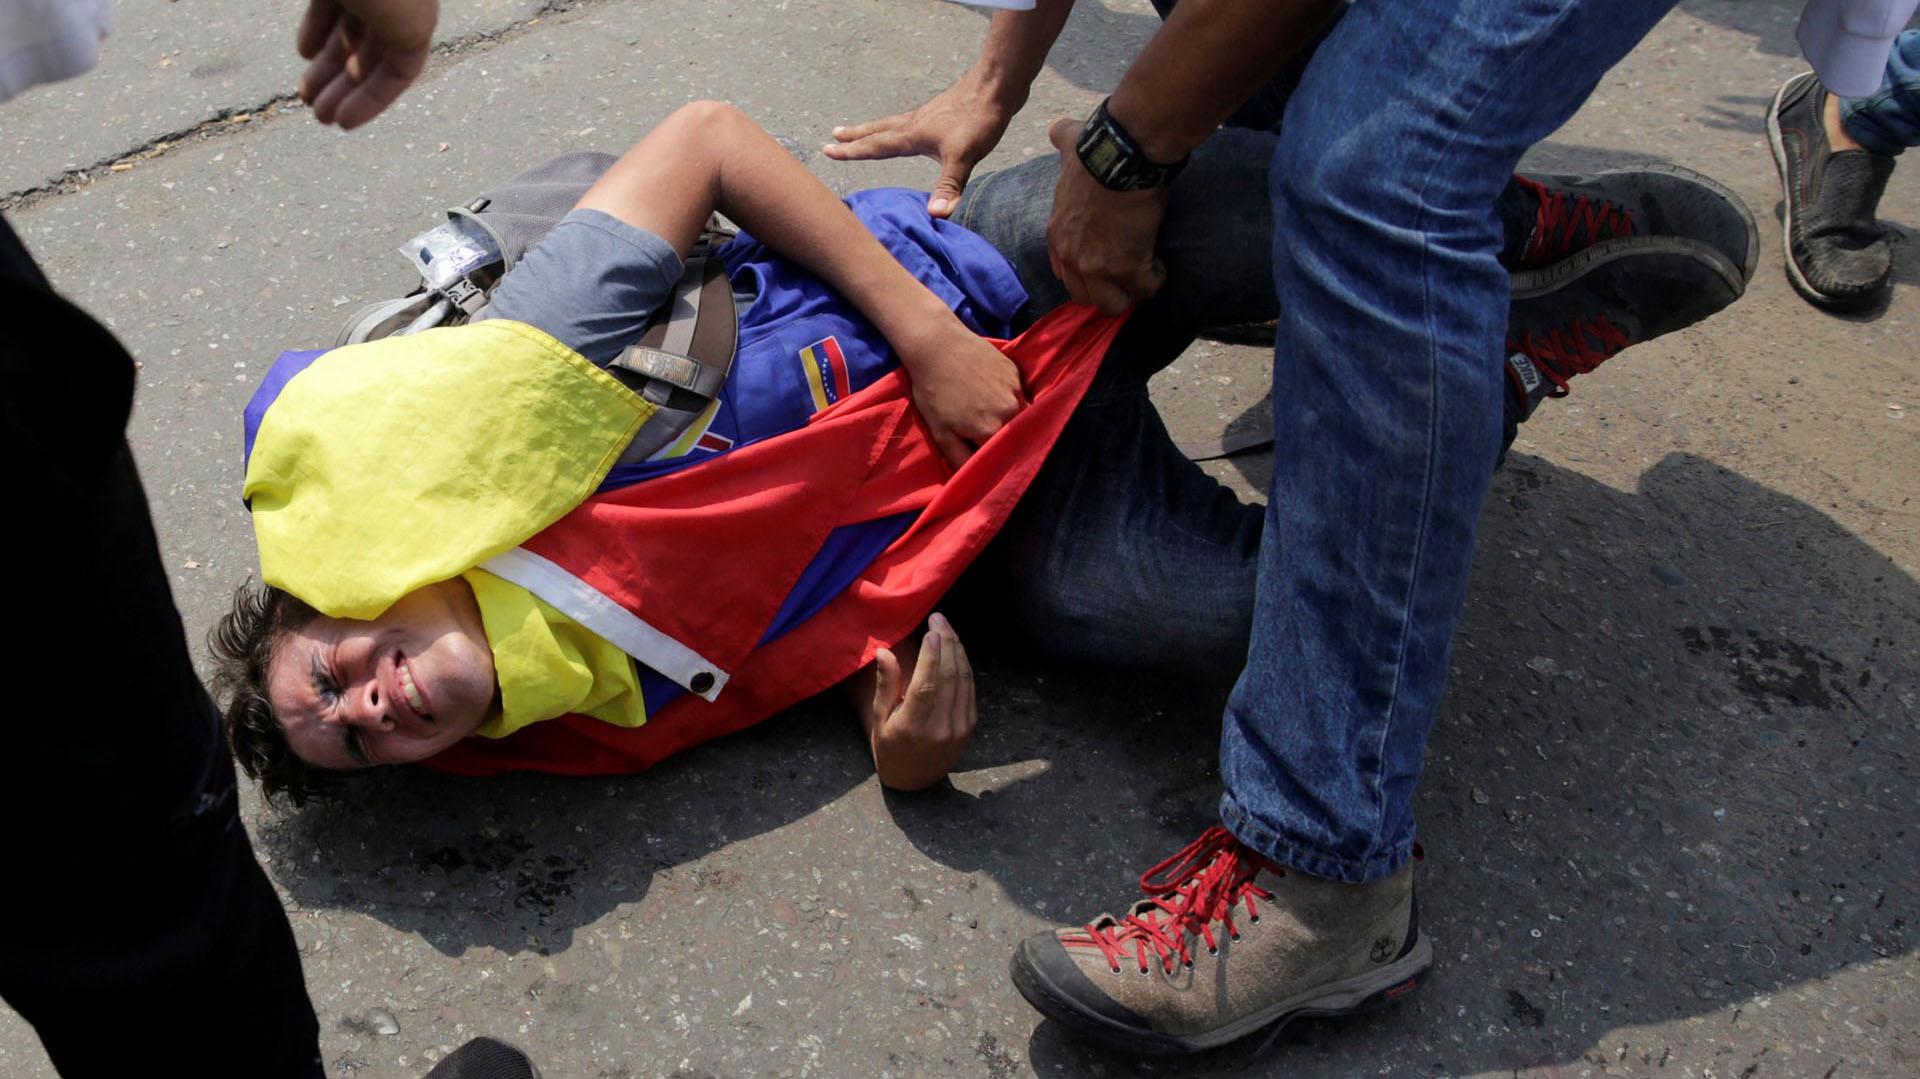 Un manifestante lesionado recibe ayuda de otros mientras se enfrenta a las fuerzas de seguridad de Venezuela en el puente Francisco de Paula Santander en la frontera entre Colombia y Venezuela (Reuters)